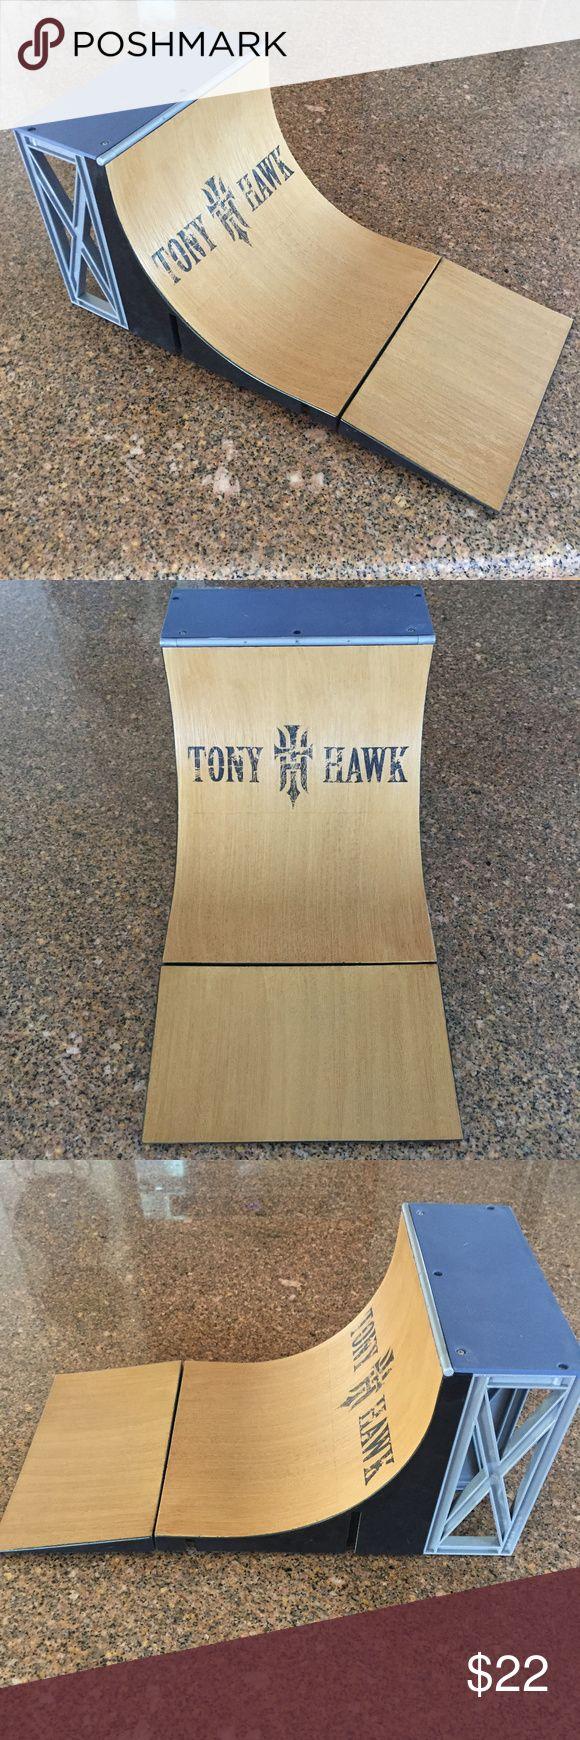 Tony Hawk Tech Deck Ramp Fingerboards Toy Tony hawk